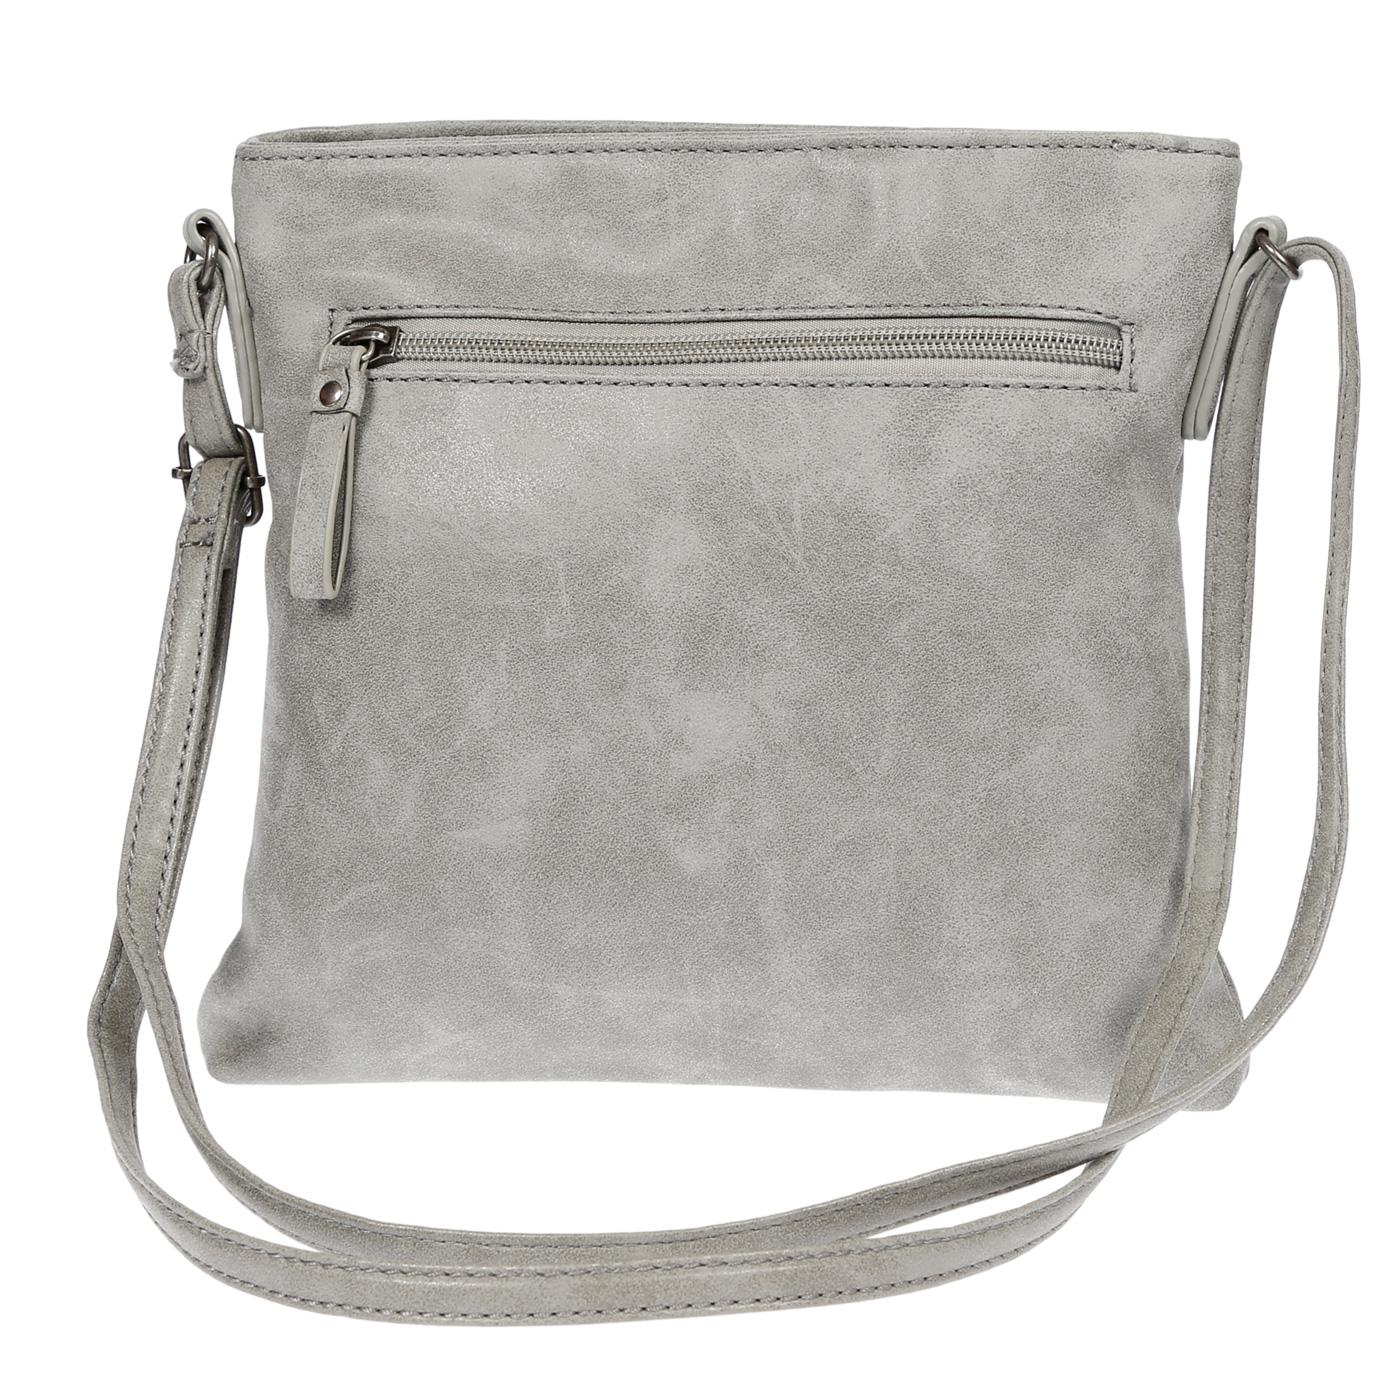 Damen-Handtasche-Umhaengetasche-Schultertasche-Tasche-Leder-Optik-Schwarz-Weiss Indexbild 40